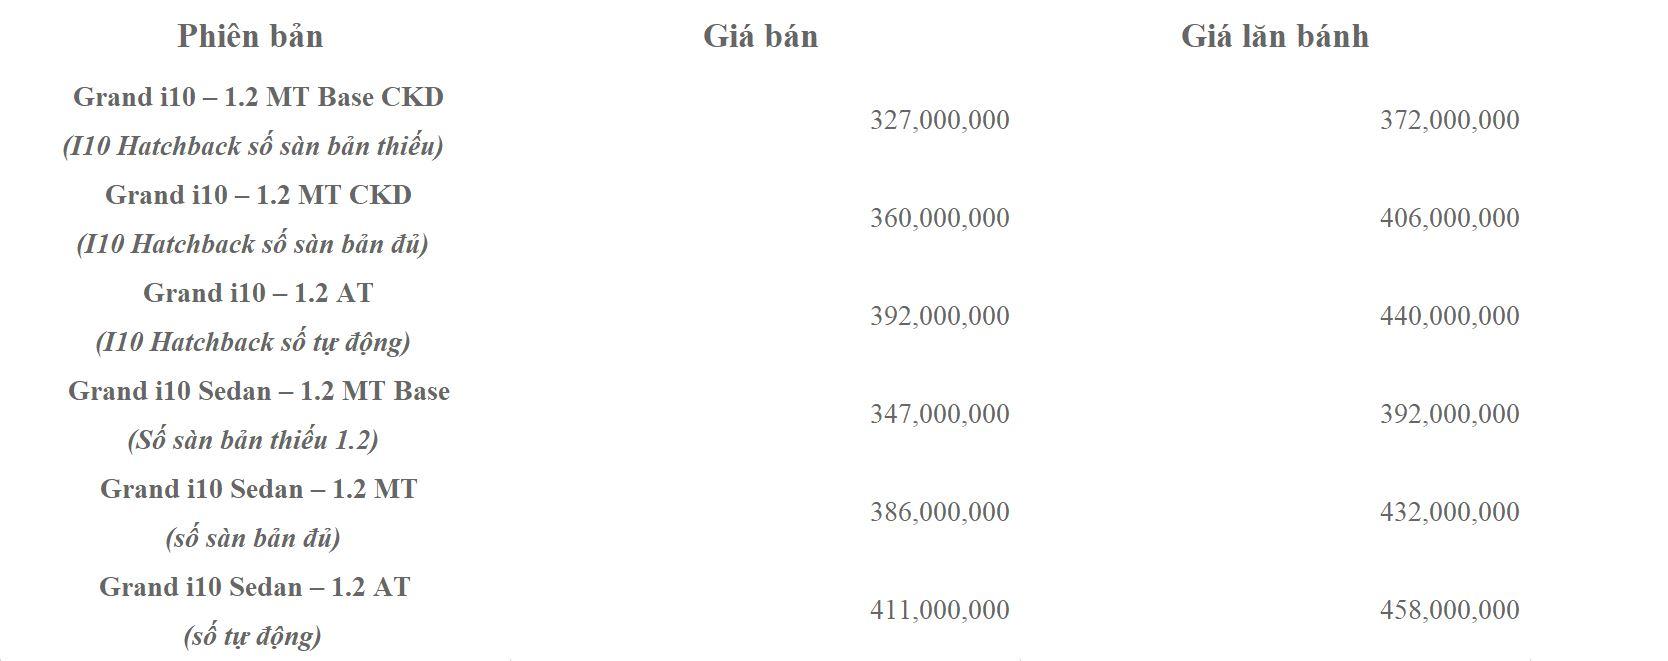 Hình Ảnh Bảng tính mua xe i10 trả góp tại khu vực hồ chí minh 7